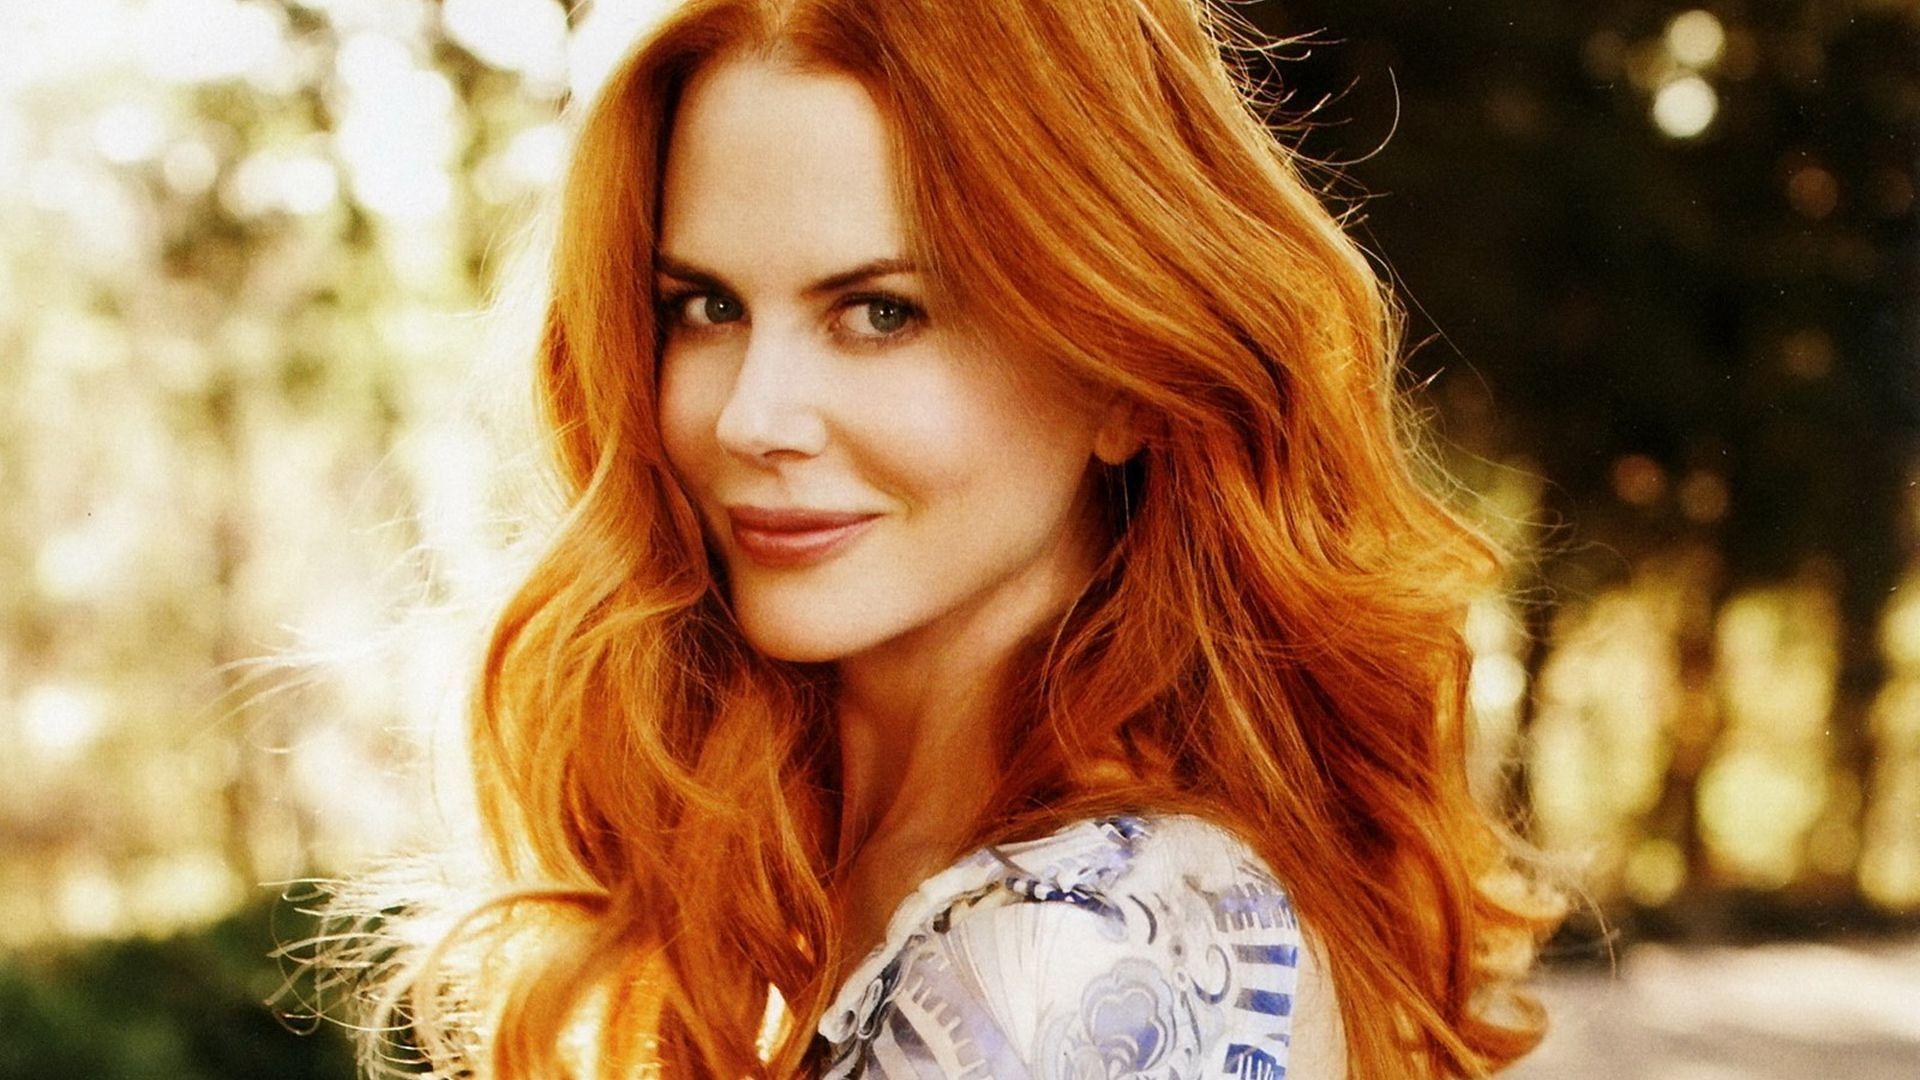 Ești roșcată natural și nu știi cum să îți întreții mai bine culoarea părului? Întreab-o pe Nicole Kidman! Actrița a recunoscut de curând că secretul părului său mereu sanatos și stralucitor stă în sucul natural de merișoare. Pentru a-și revigora culoarea naturală a părului, aceasta își aplică acest suc, după fiecare baie!